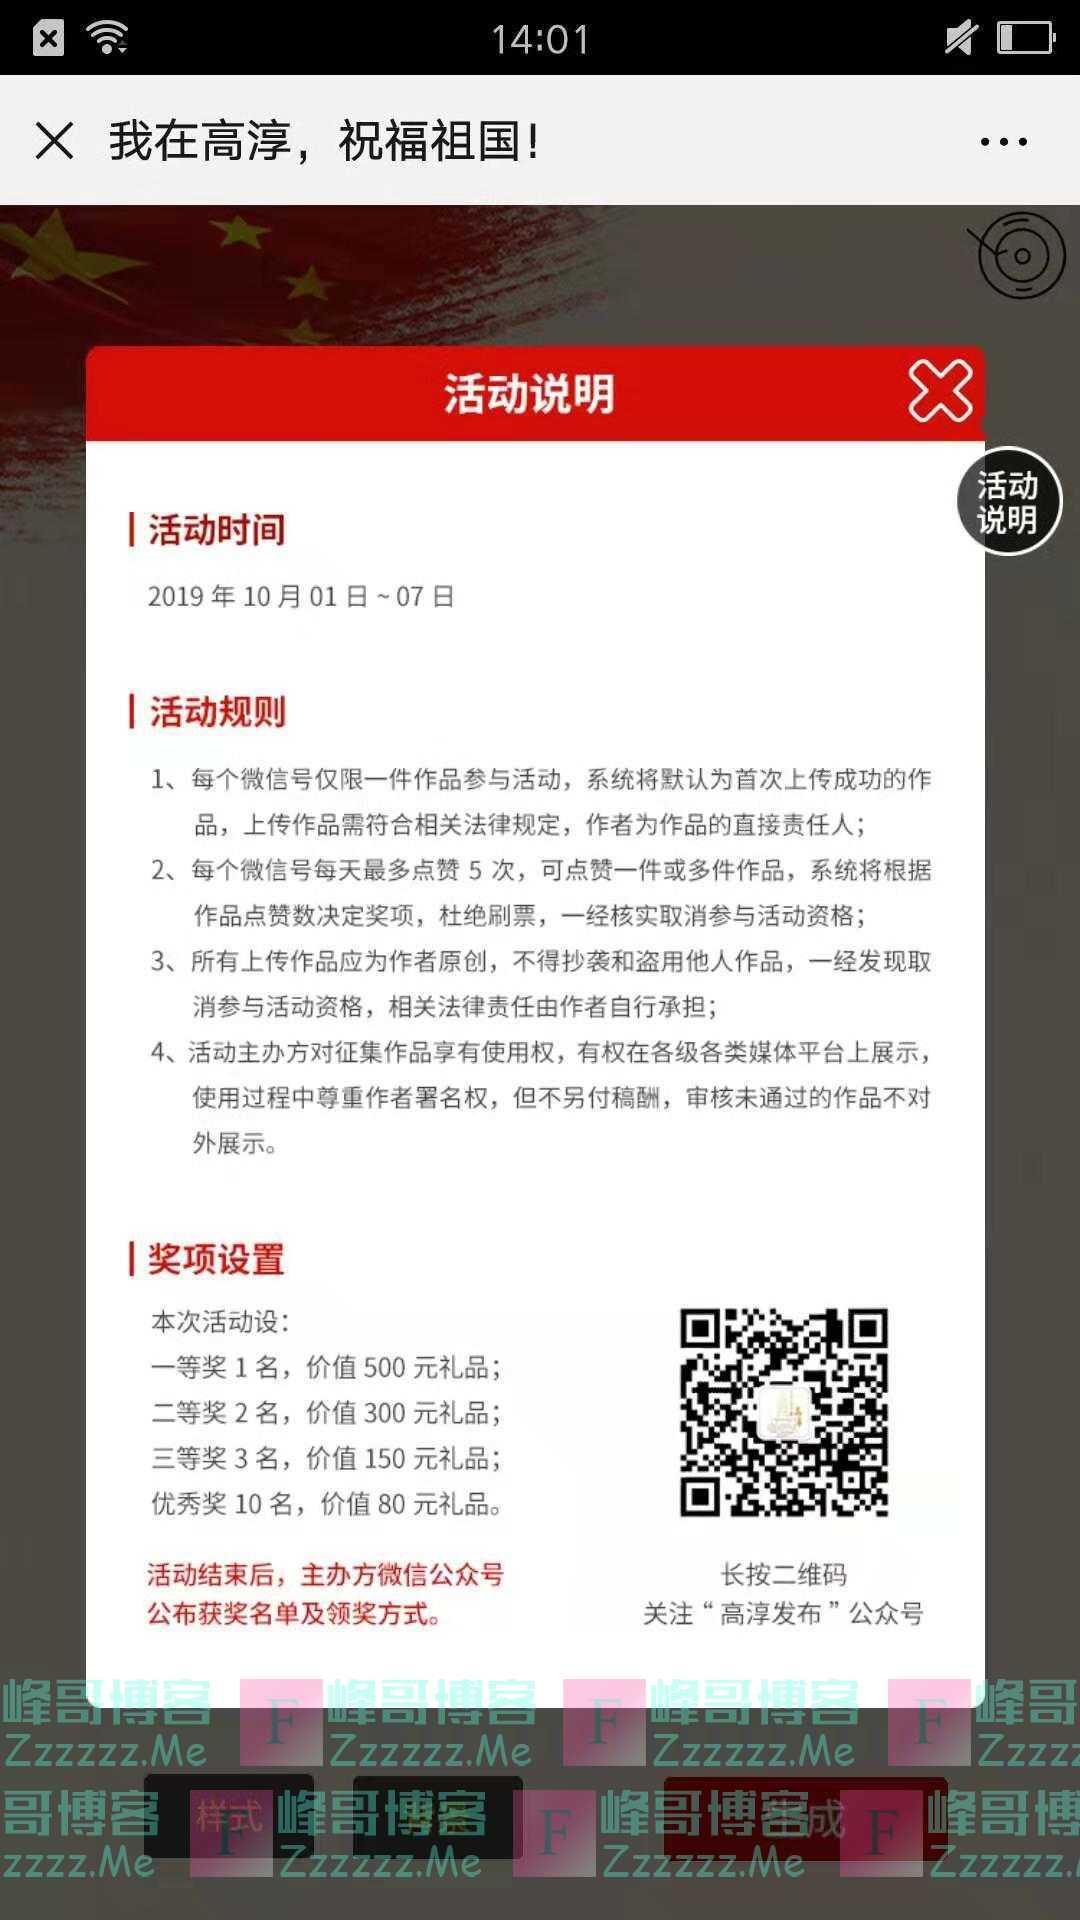 高淳发布H5有奖活动(截止10月7日)